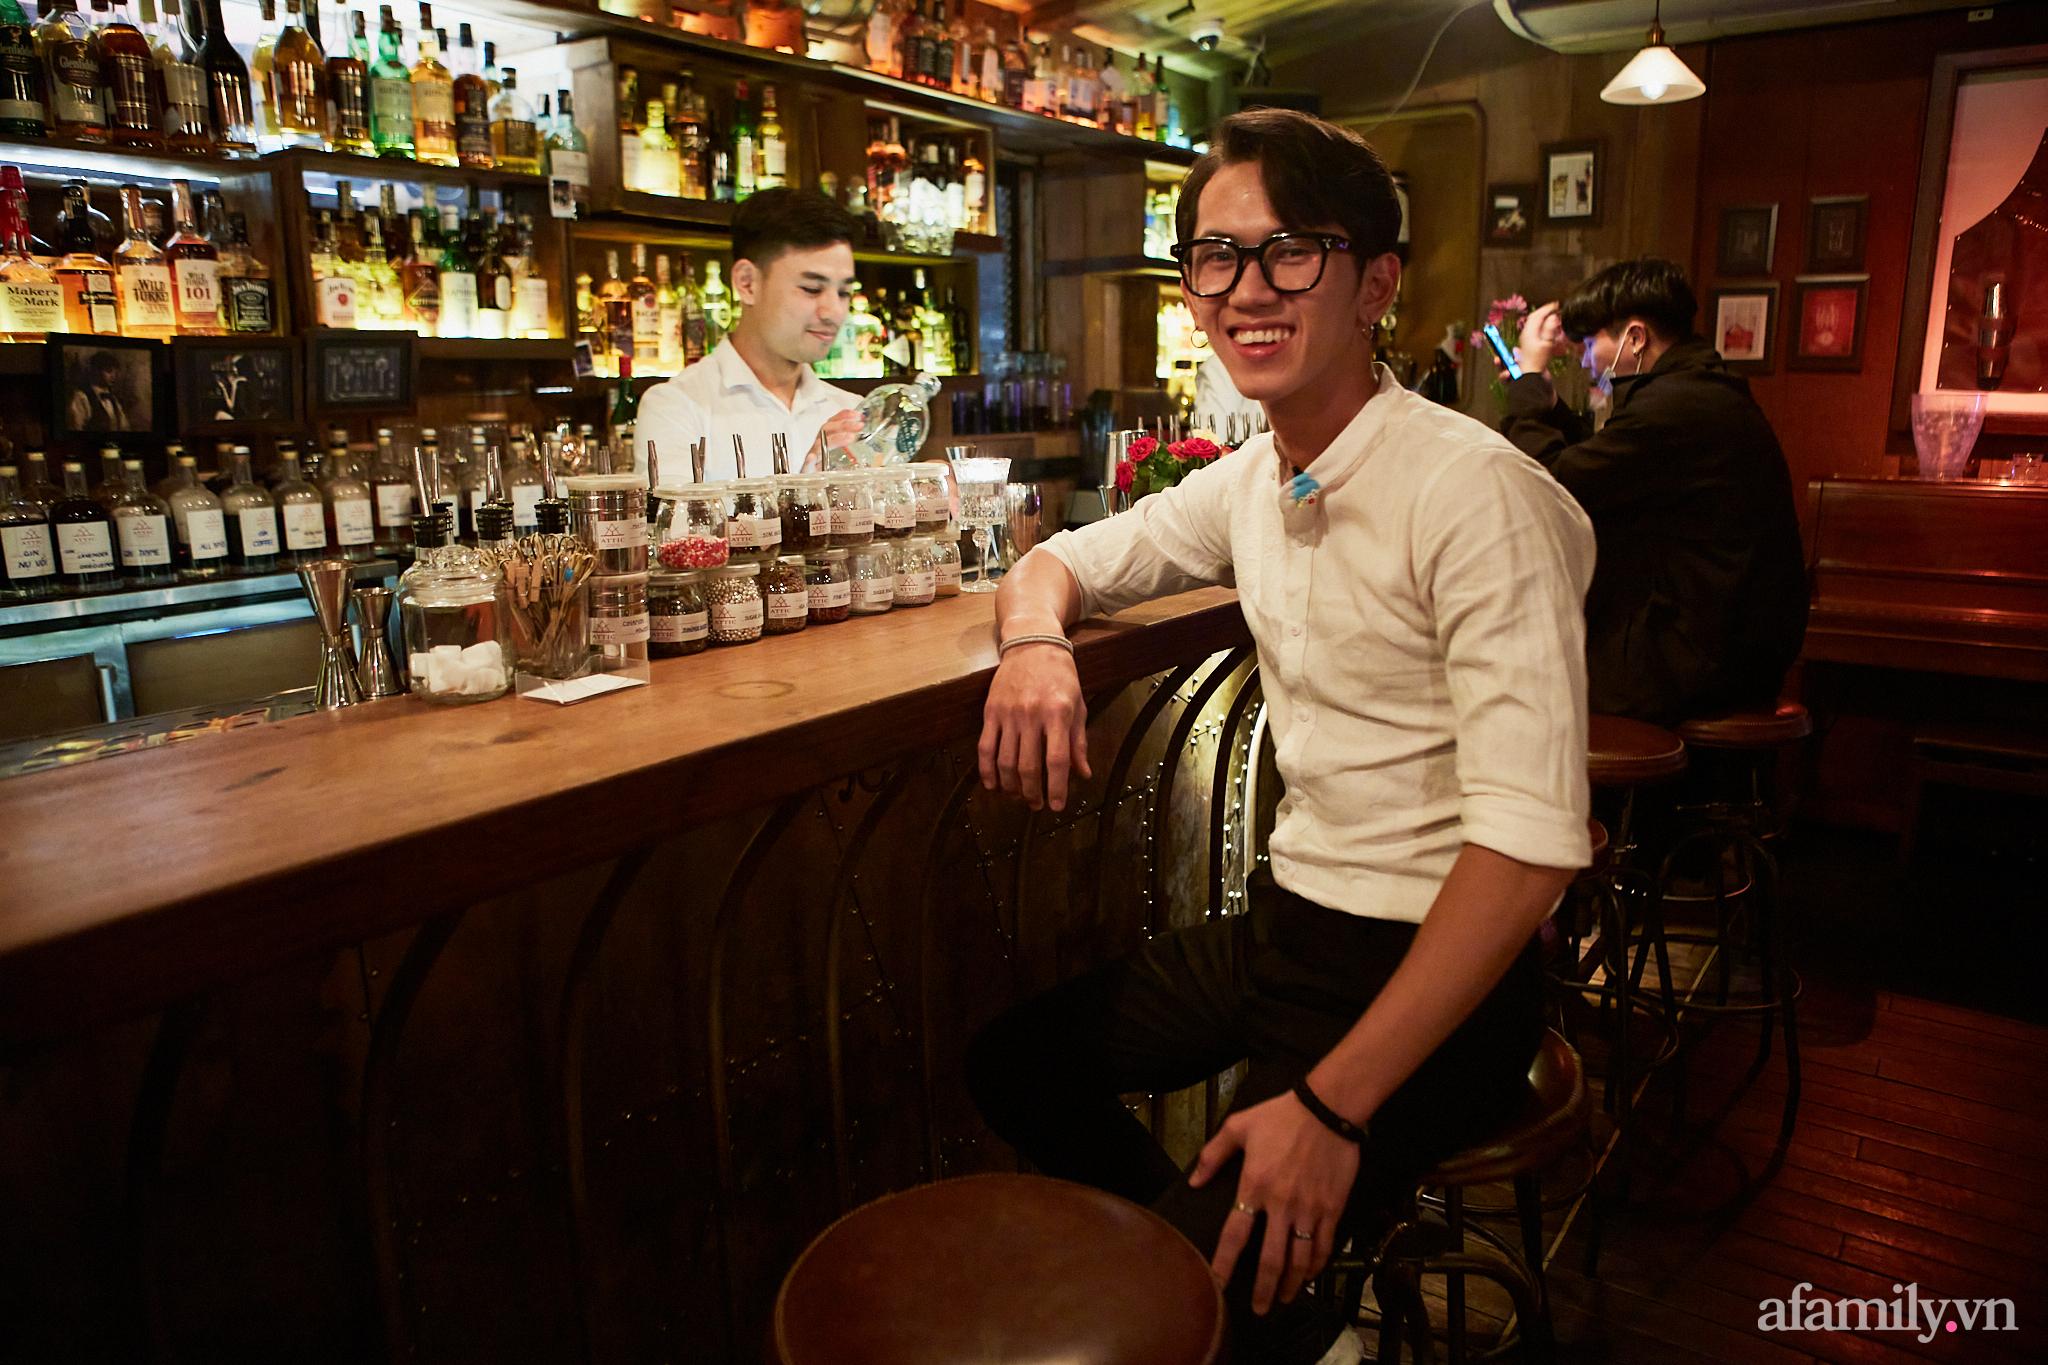 Người đàn ông đứng sau hàng loạt quán pub nổi tiếng ở Hà Nội chia sẻ về nghề dạy pha chế cocktail: Bài học đầu tiên tôi dạy học trò của mình là biết chiều khách đúng cách và cản khách đúng lúc! - Ảnh 9.